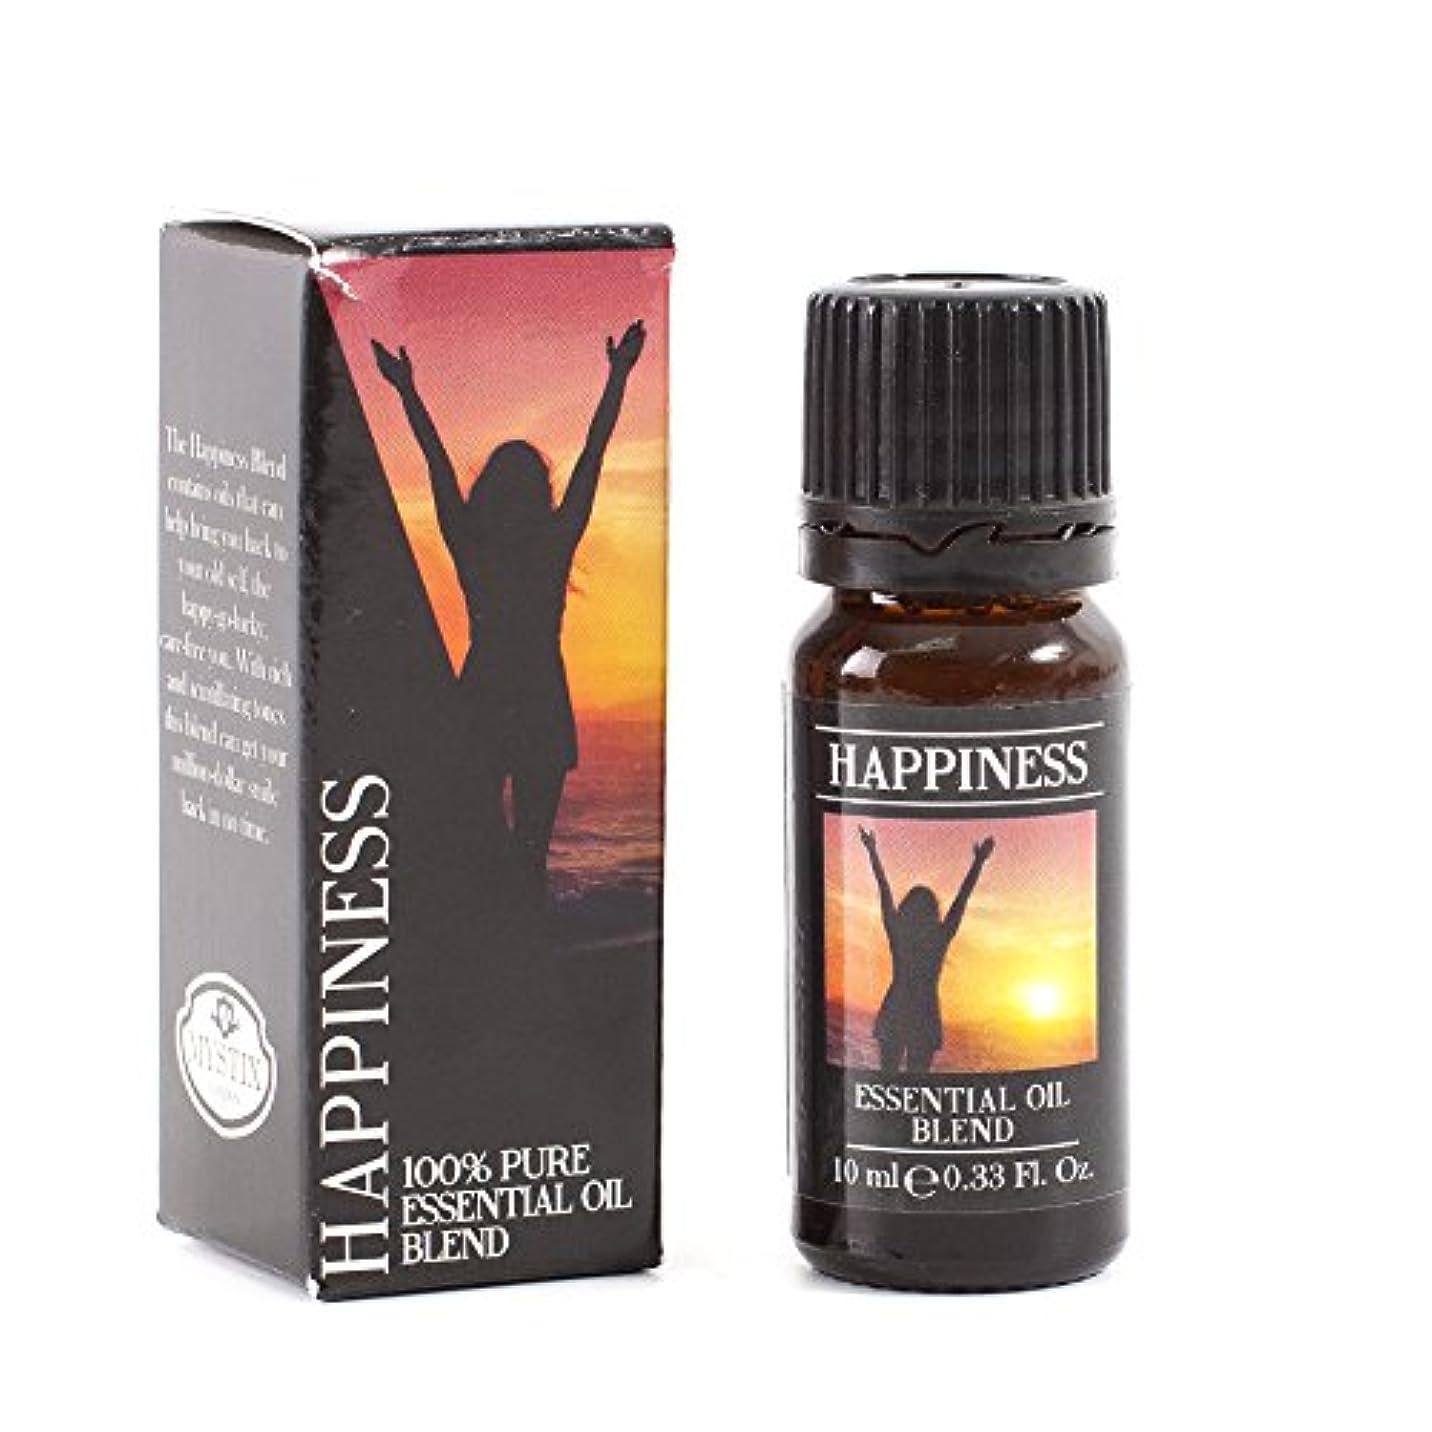 利得論争の的ラベMystix London | Happiness Essential Oil Blend - 10ml - 100% Pure